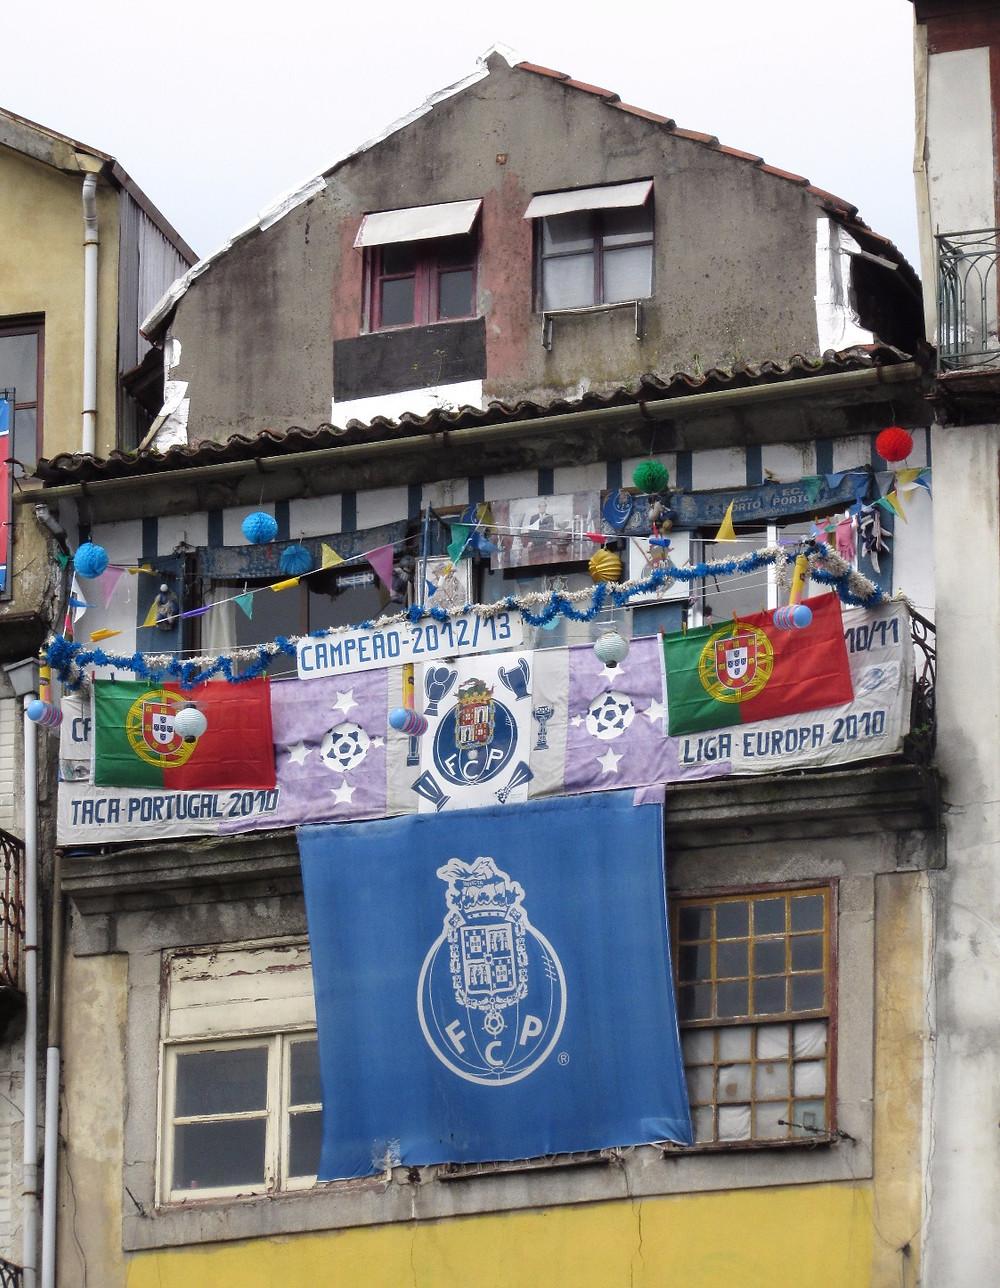 Флаги Португалии на балконе